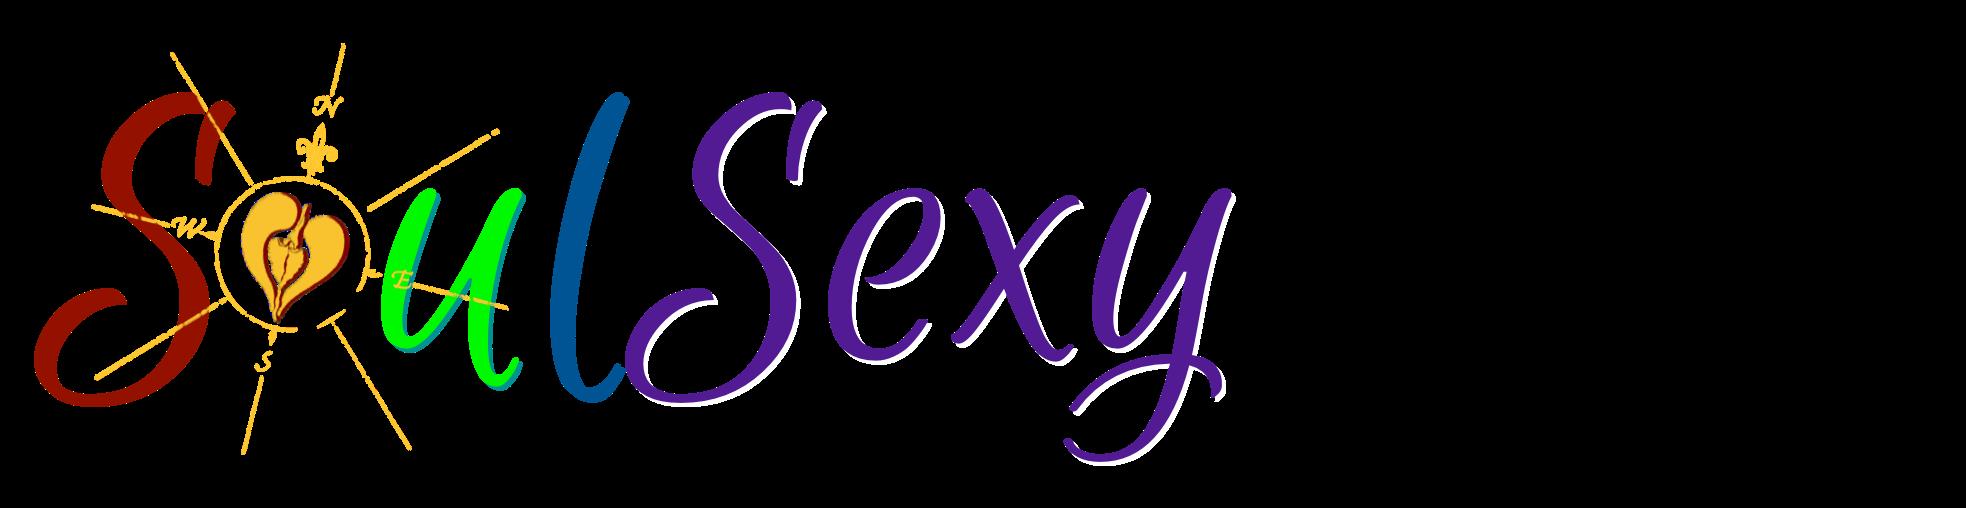 Soul Sexy Life